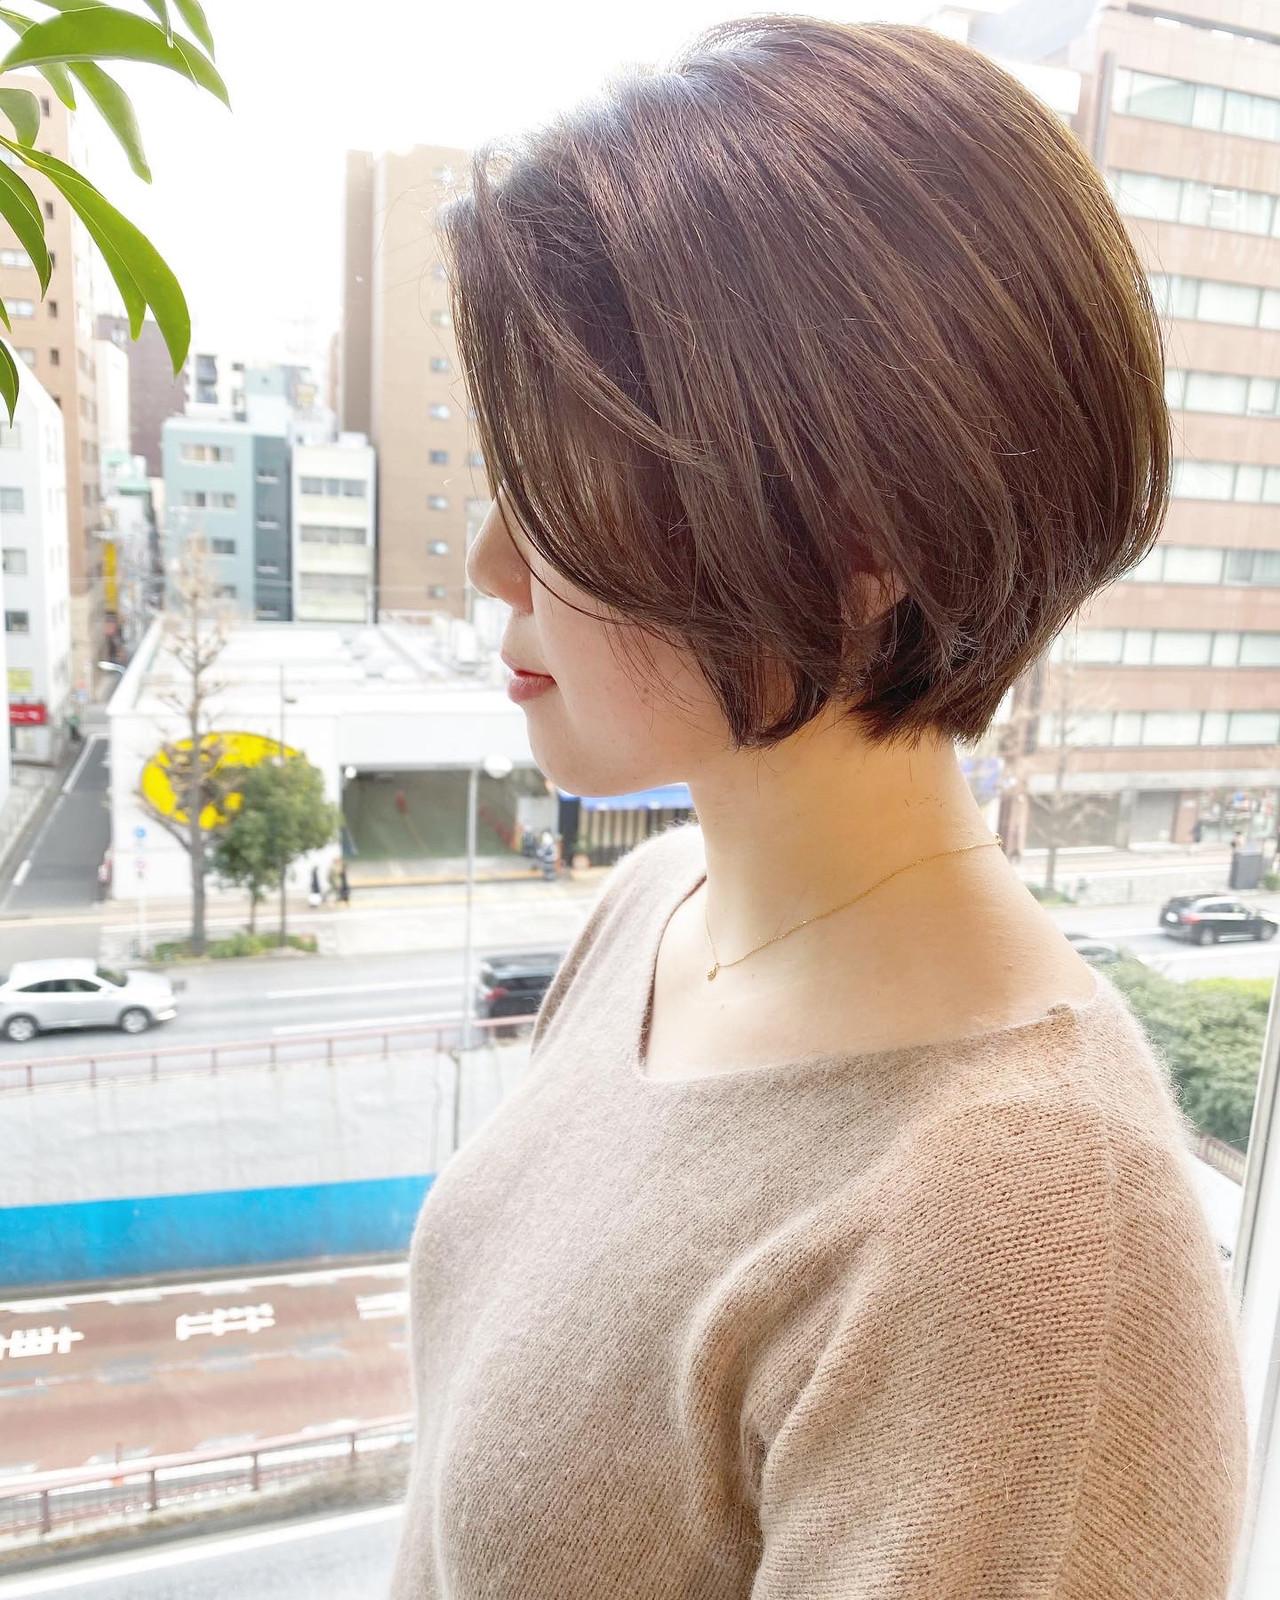 ショート オフィス ショートボブ デート ヘアスタイルや髪型の写真・画像 | 大人可愛い【ショート・ボブが得意】つばさ / VIE